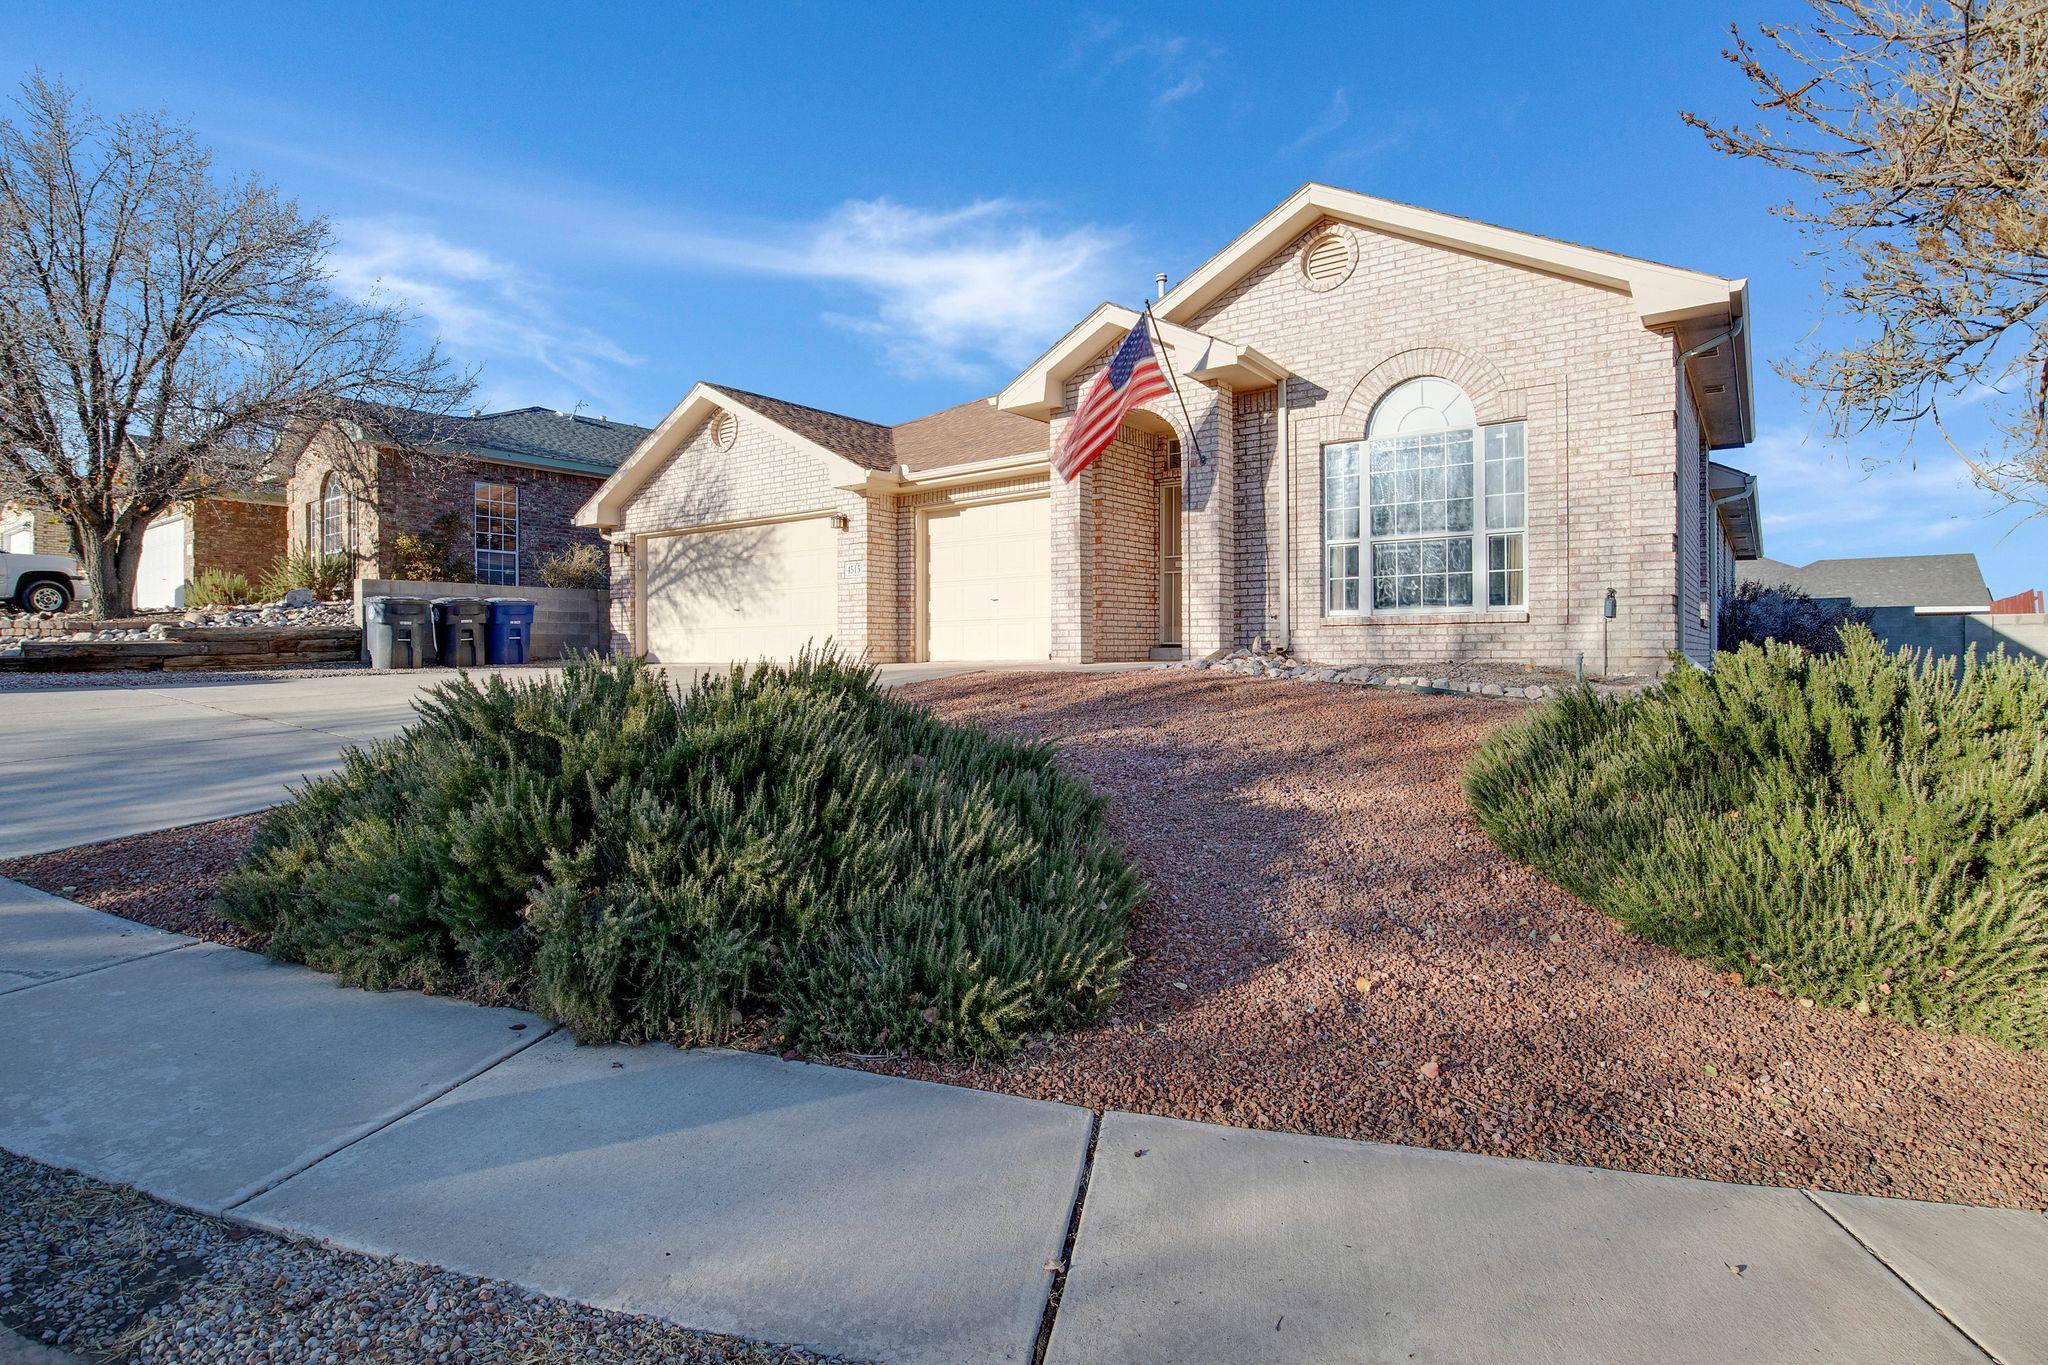 4515 AGATE HILLS Road, Albuquerque NM 87114